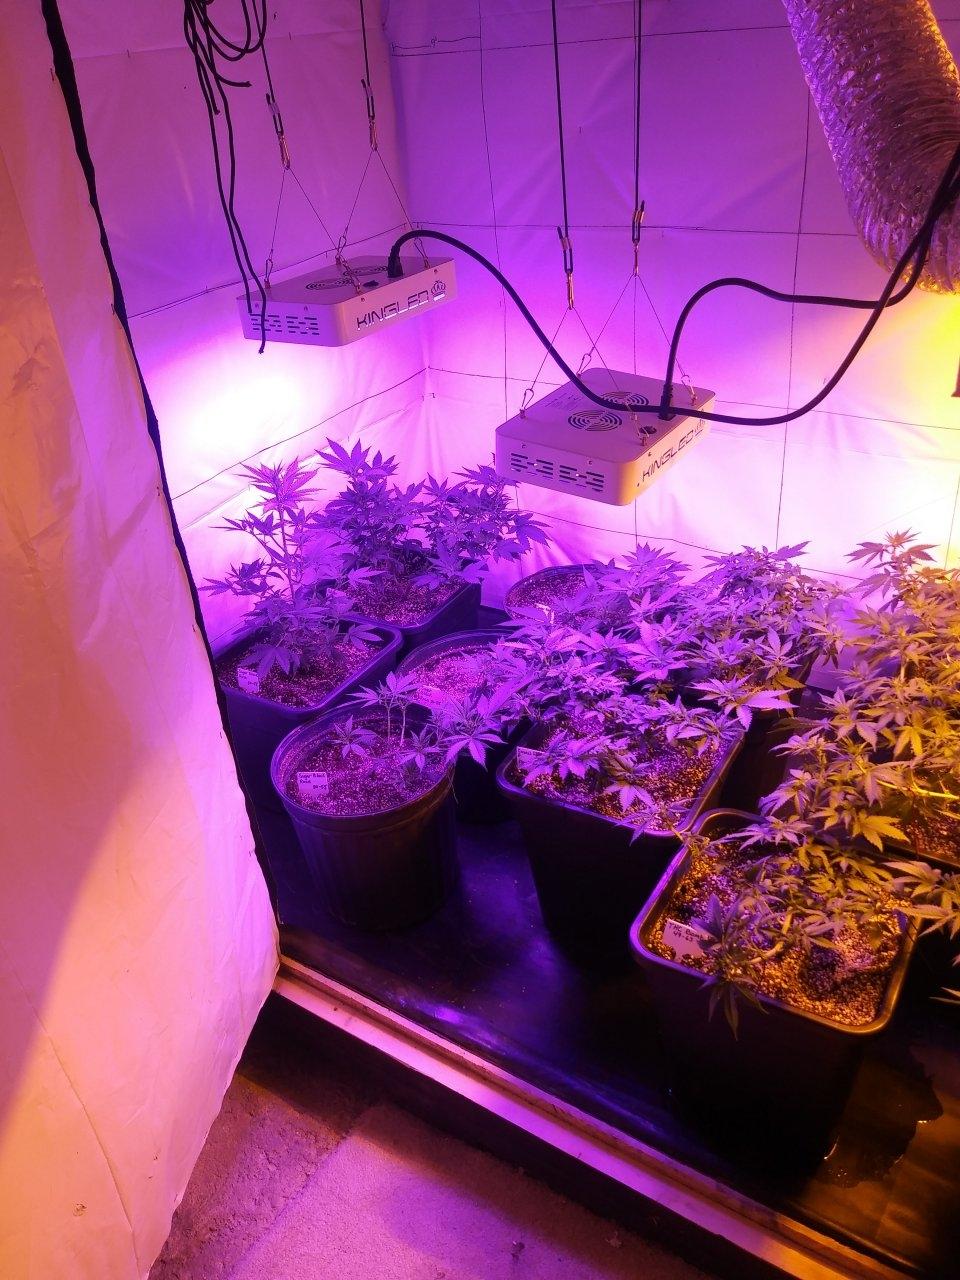 Room View 1.jpg